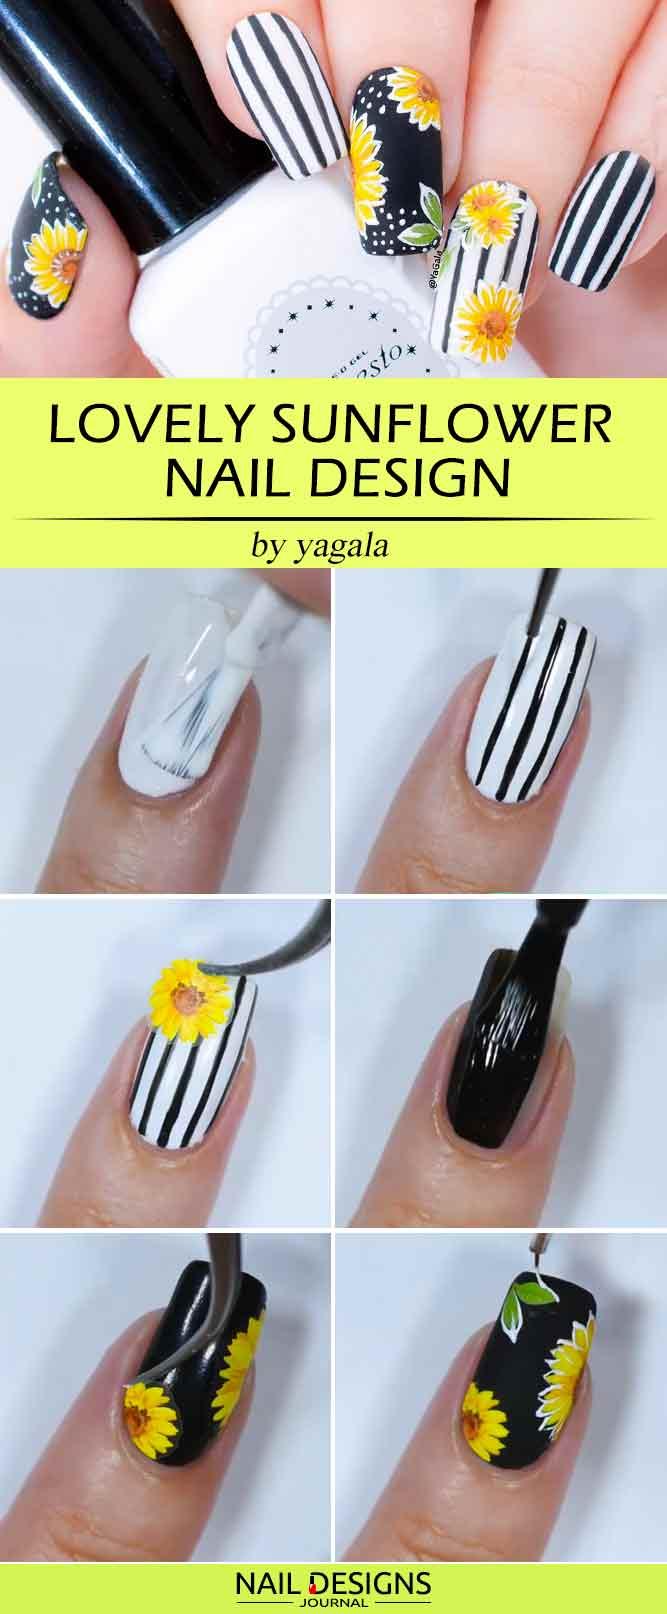 Lovely Sunflower Nail Design